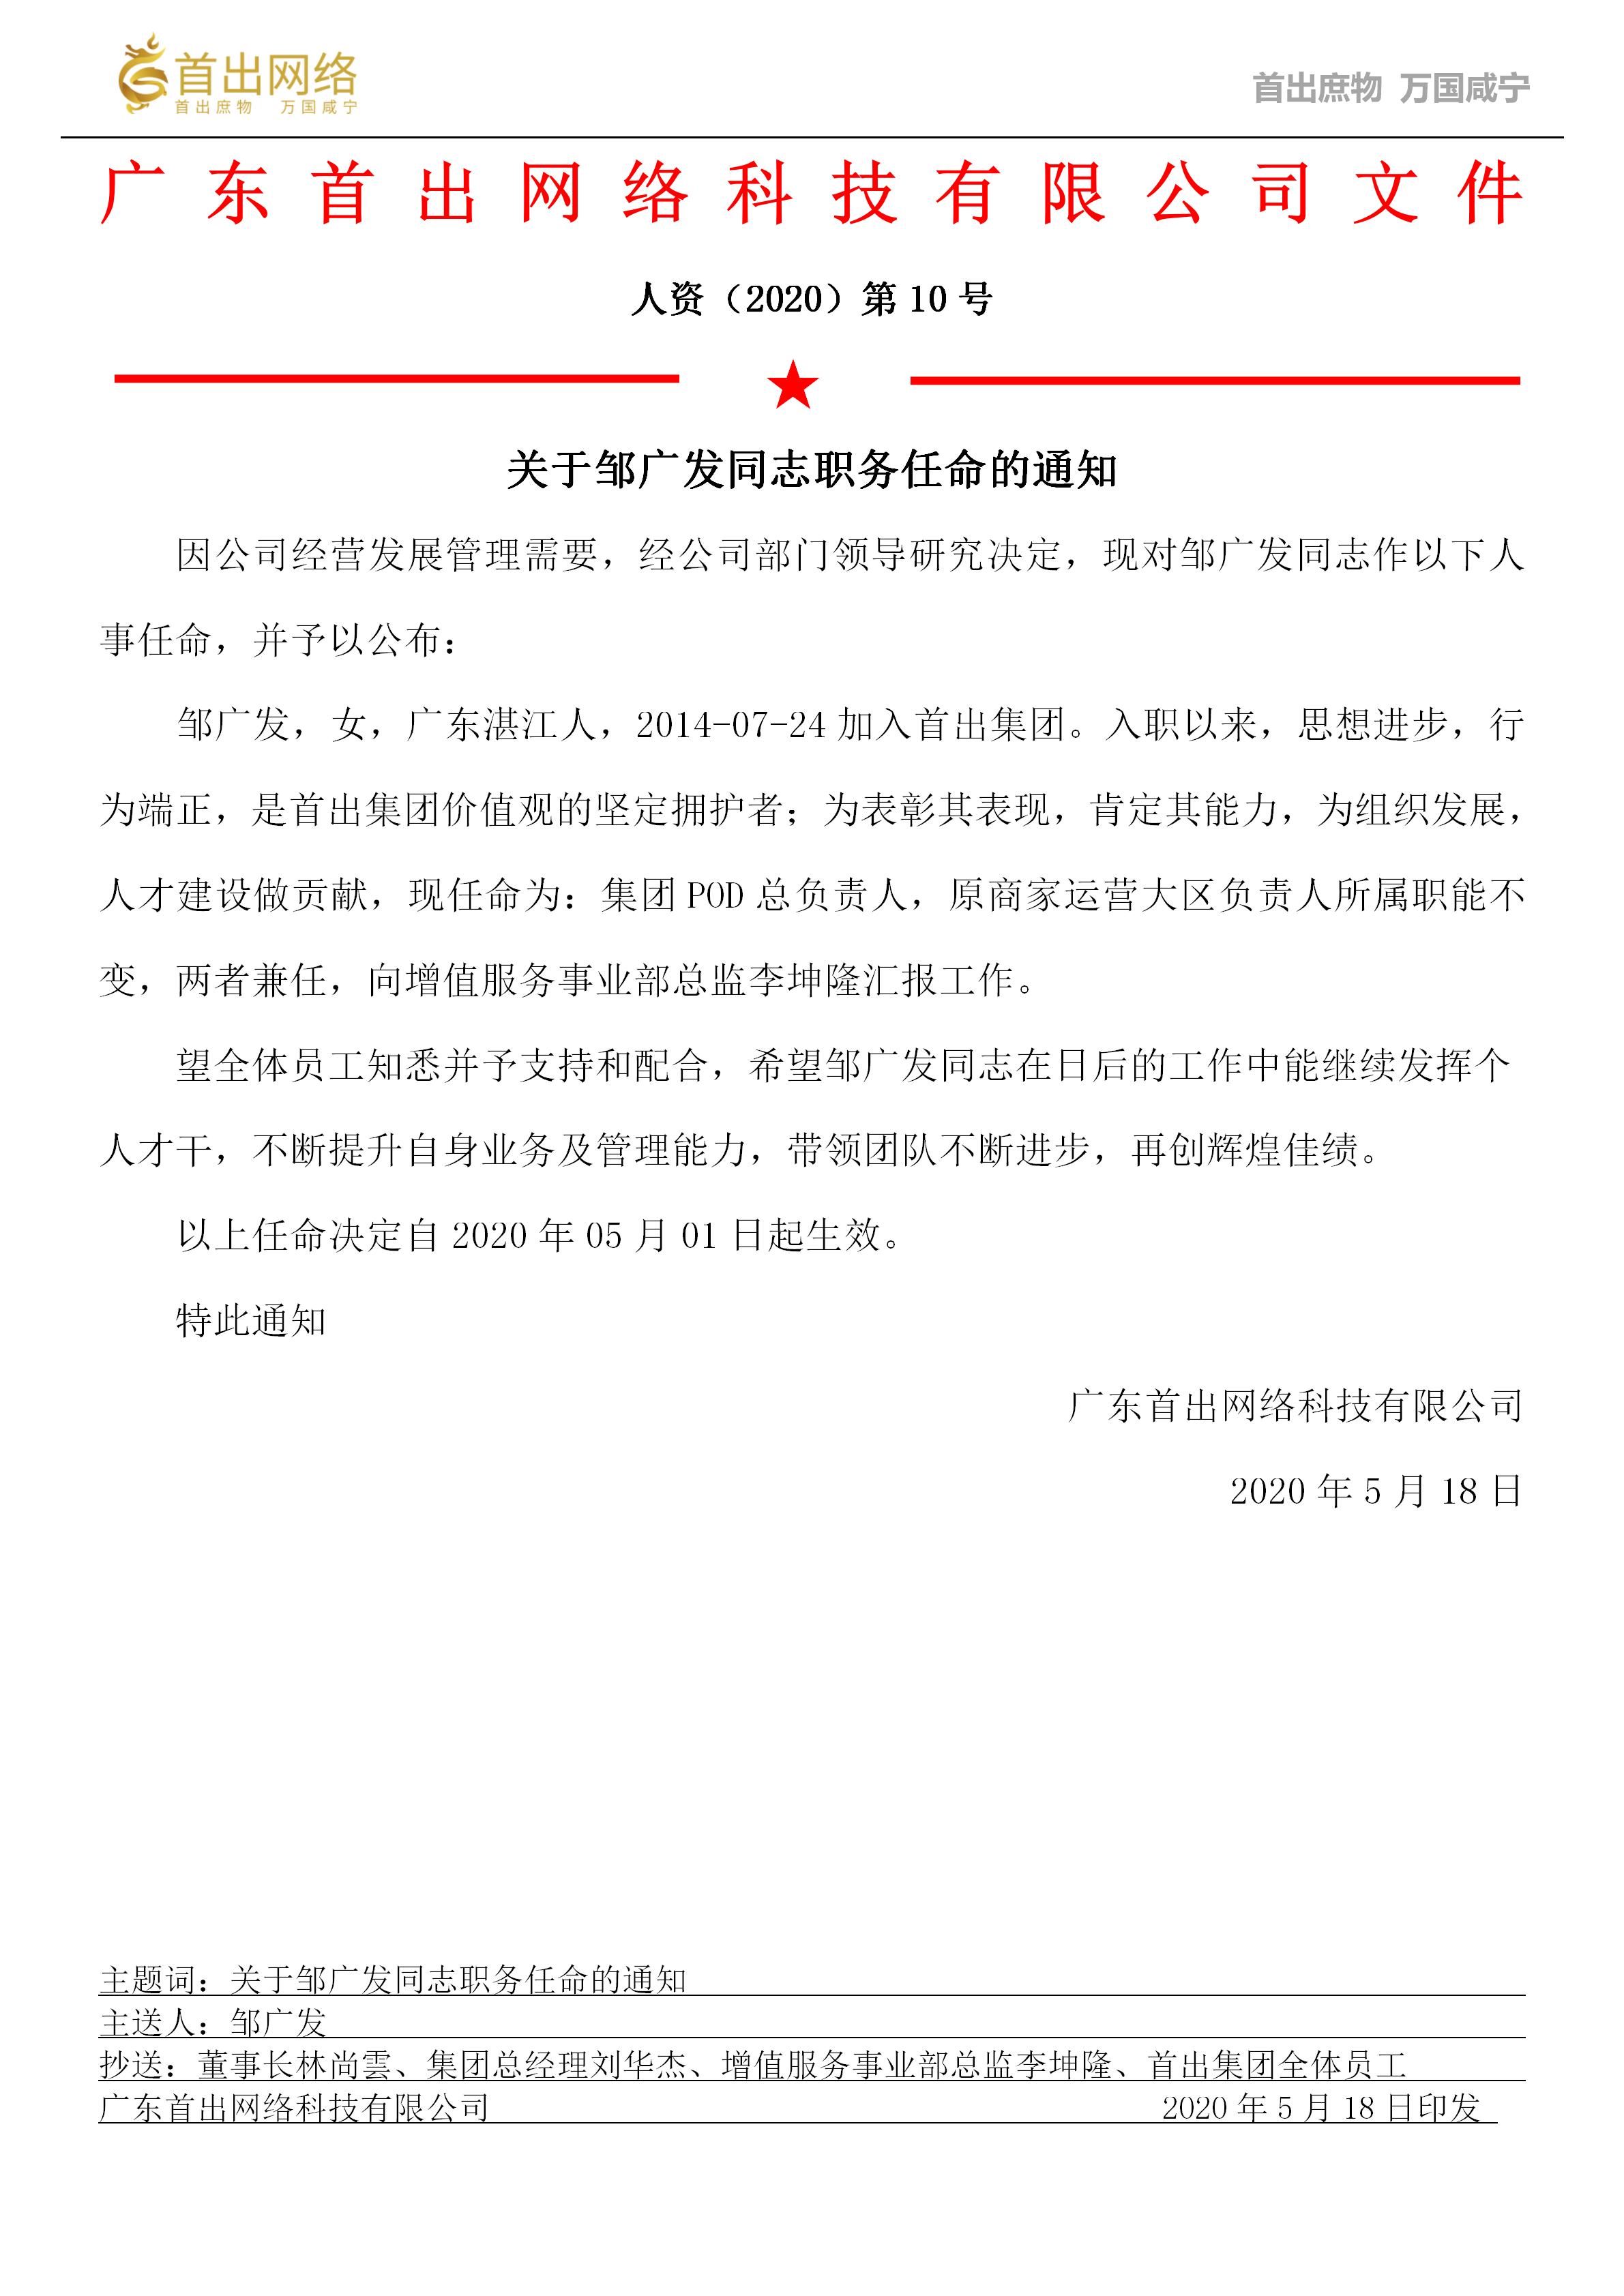 【人事任命】关于邹广发同志职务任命的通知